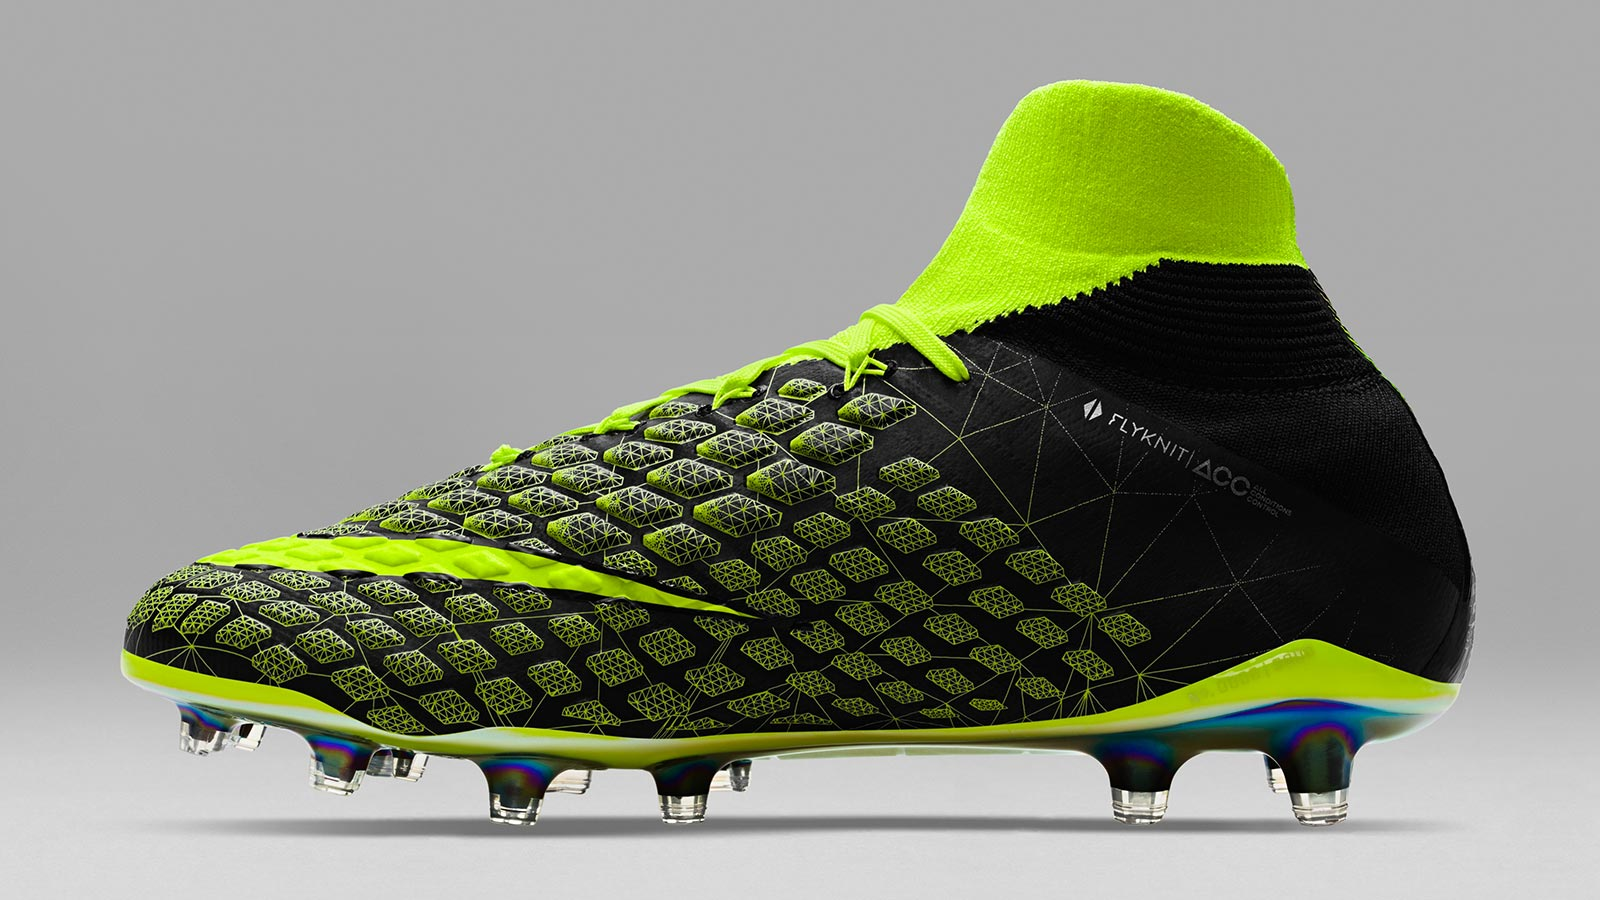 Nike Hypervenom EA Sports FIFA 18 Boots Revealed - Footy Headlines